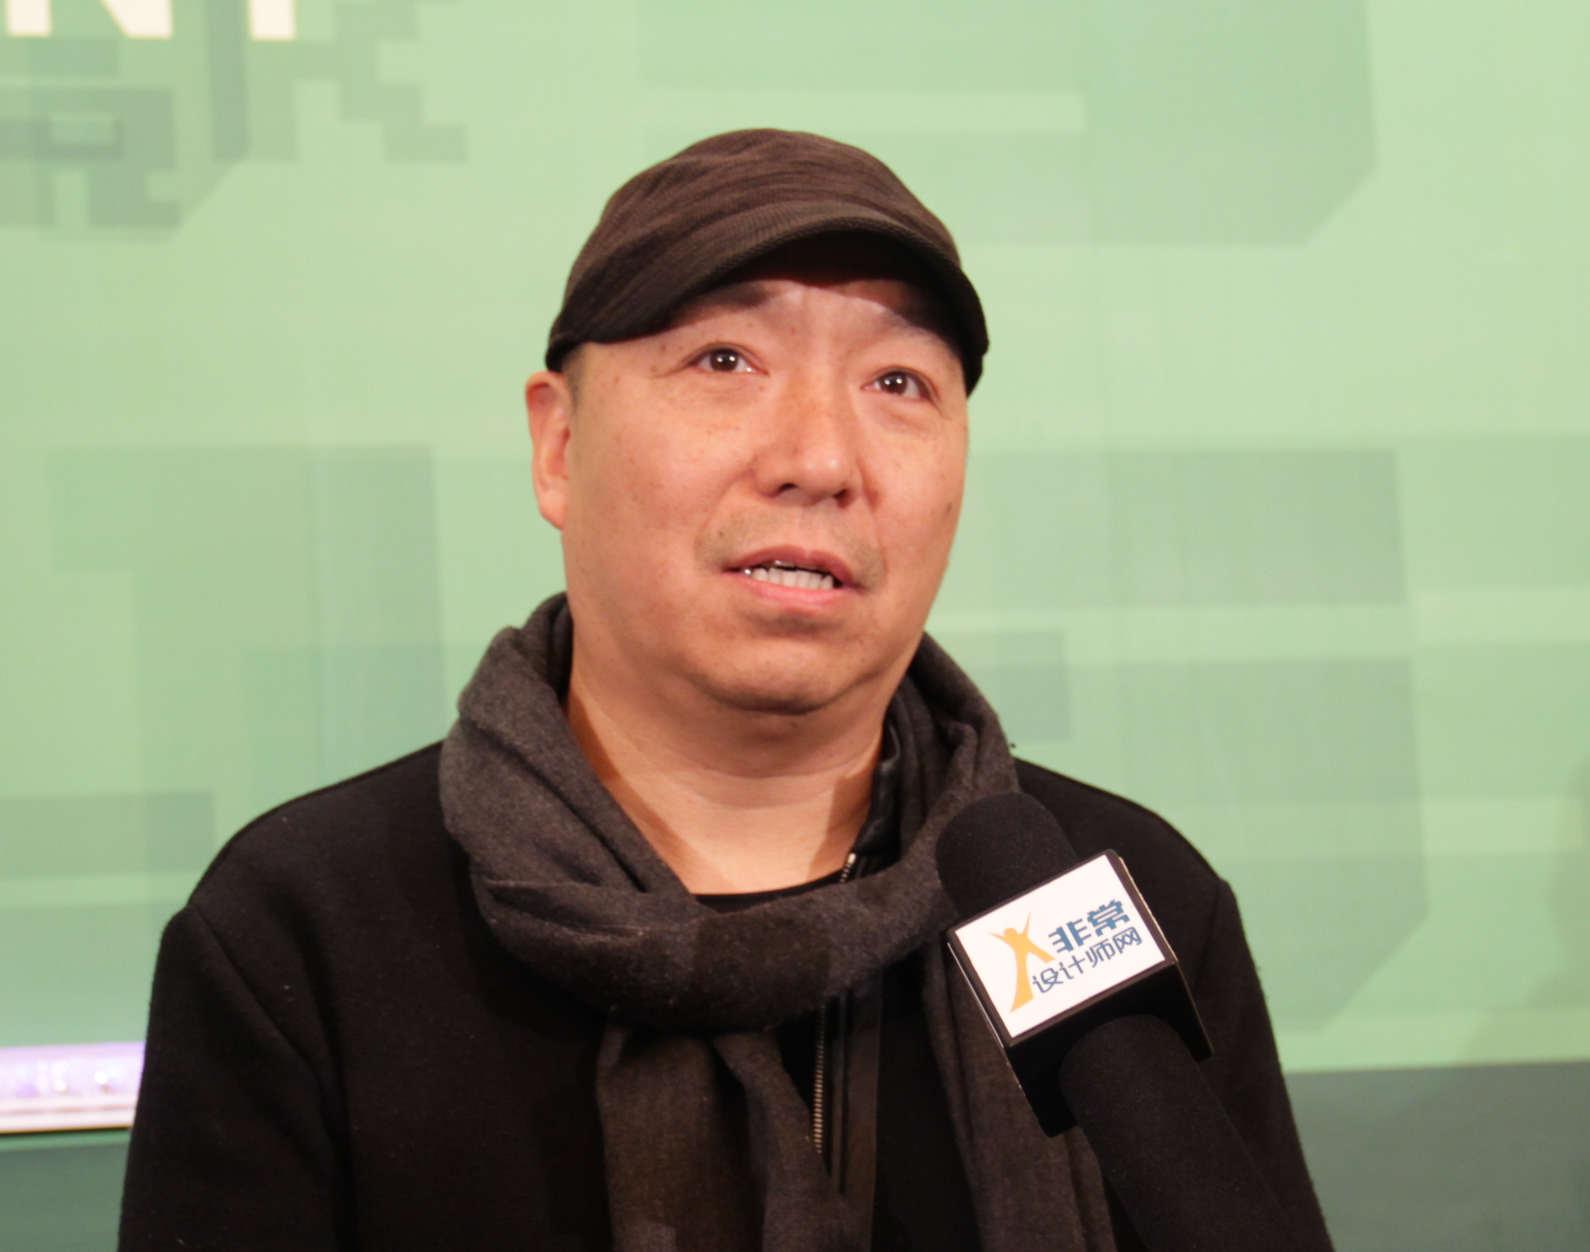 潘召南:多方位、多渠道培养设计人才